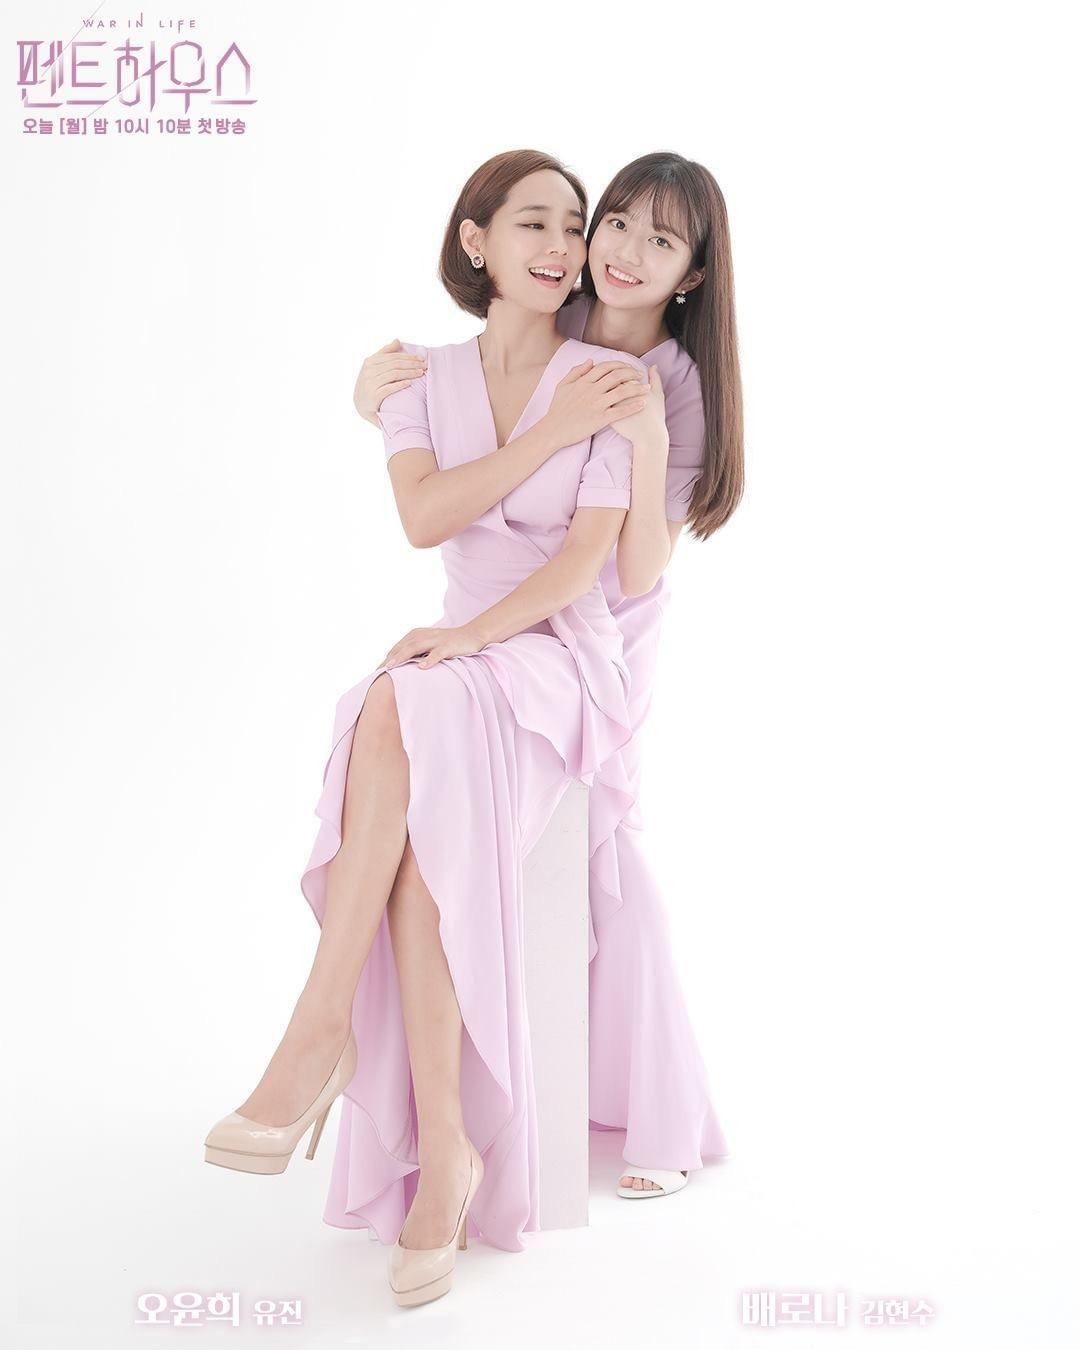 """Mix & Phối - Hội chị đẹp """"Penthouse"""" có 5 mẫu váy sang chảnh thượng lưu, lại tôn dáng triệt để và may là không khó """"đu"""" theo - chanvaydep.net 8"""